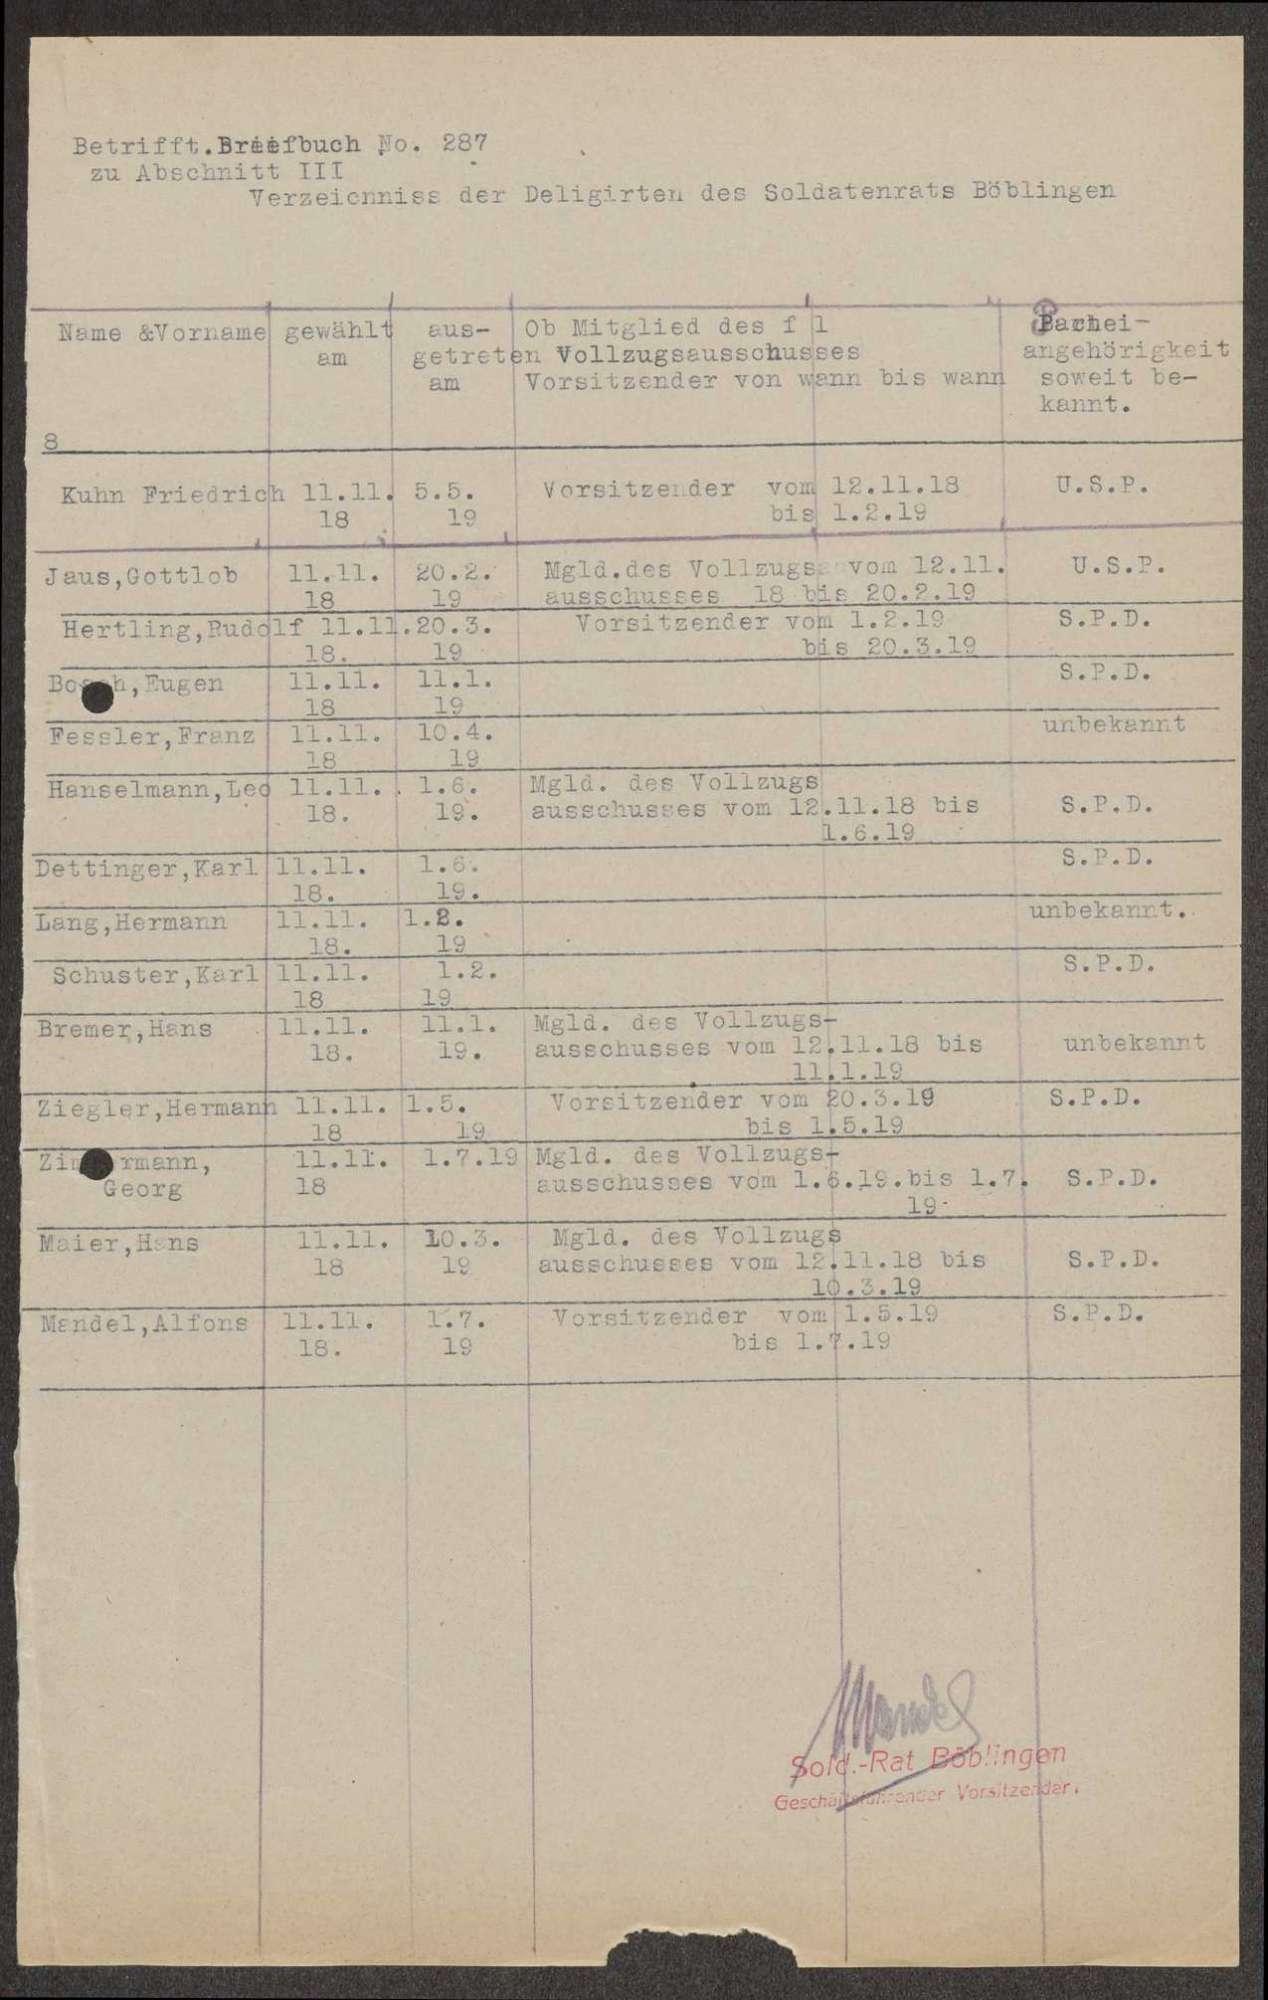 Tätigkeitsbericht des Soldatenrats Böblingen mit Bericht über die Revolution bei der Flieger-Ersatz-Abteilung 10, Bild 1